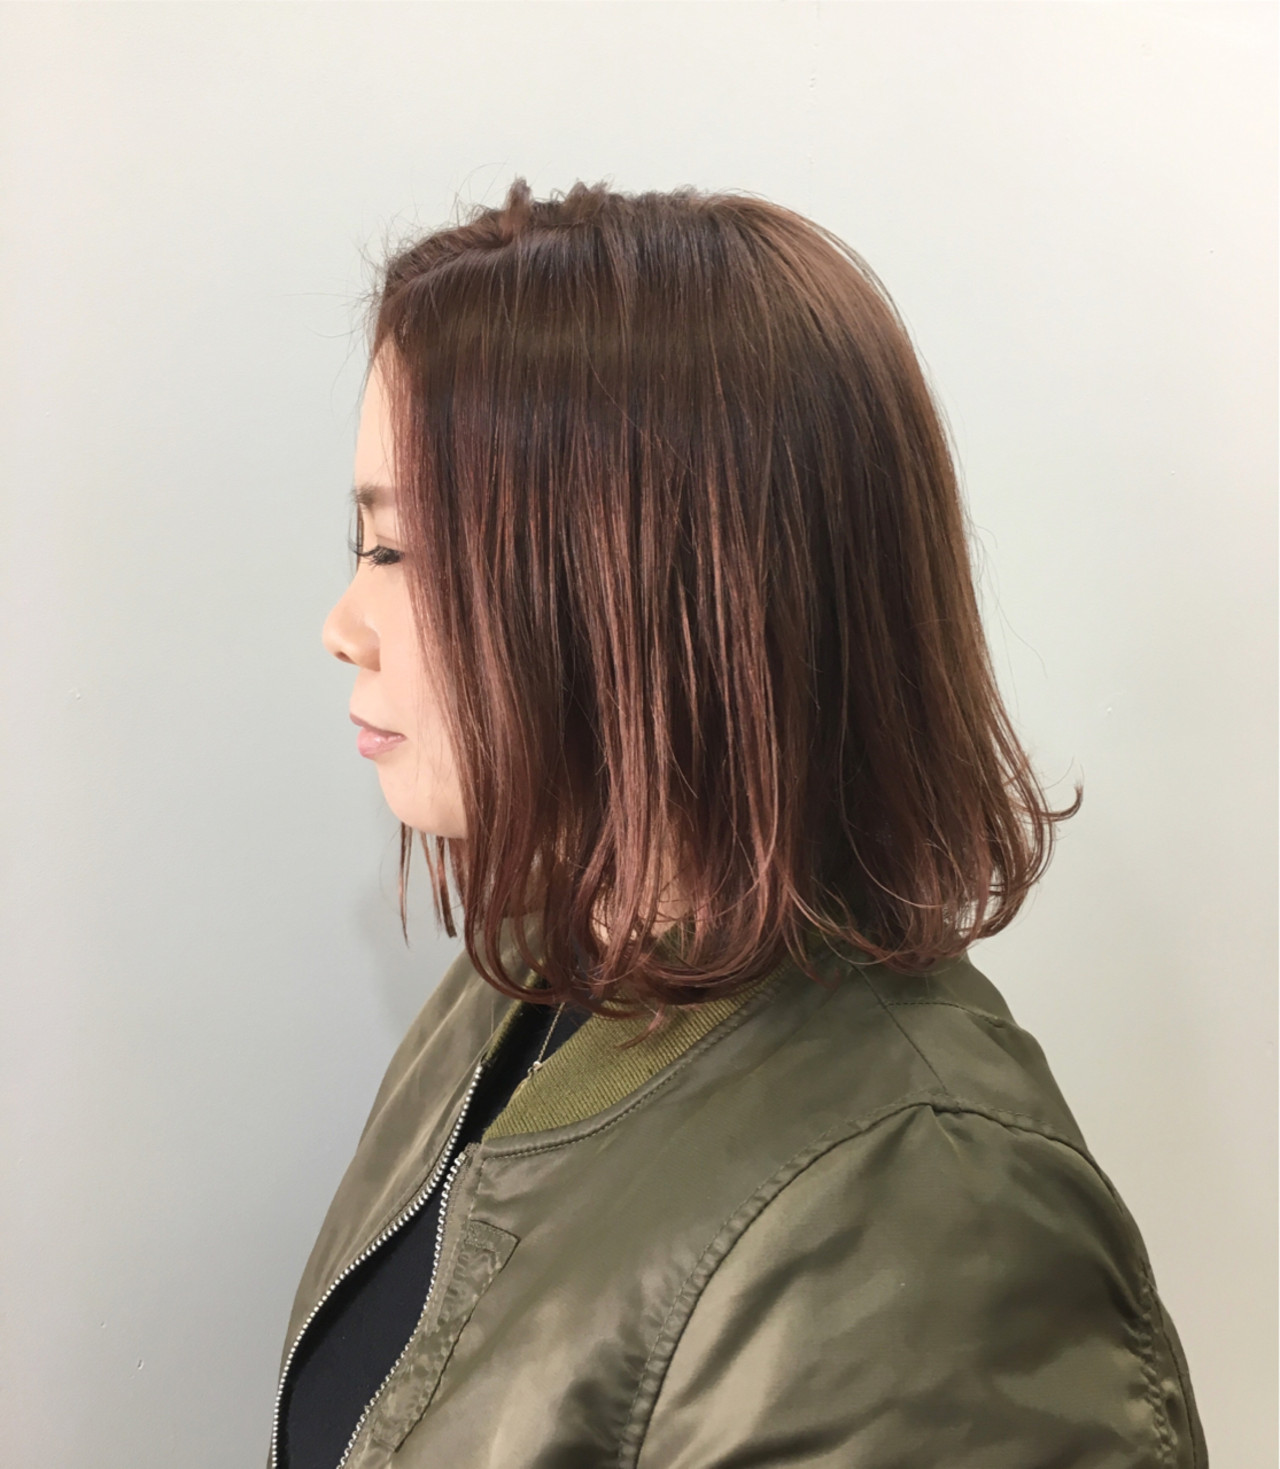 モード ハイライト ボブヘアスタイルや髪型の写真・画像